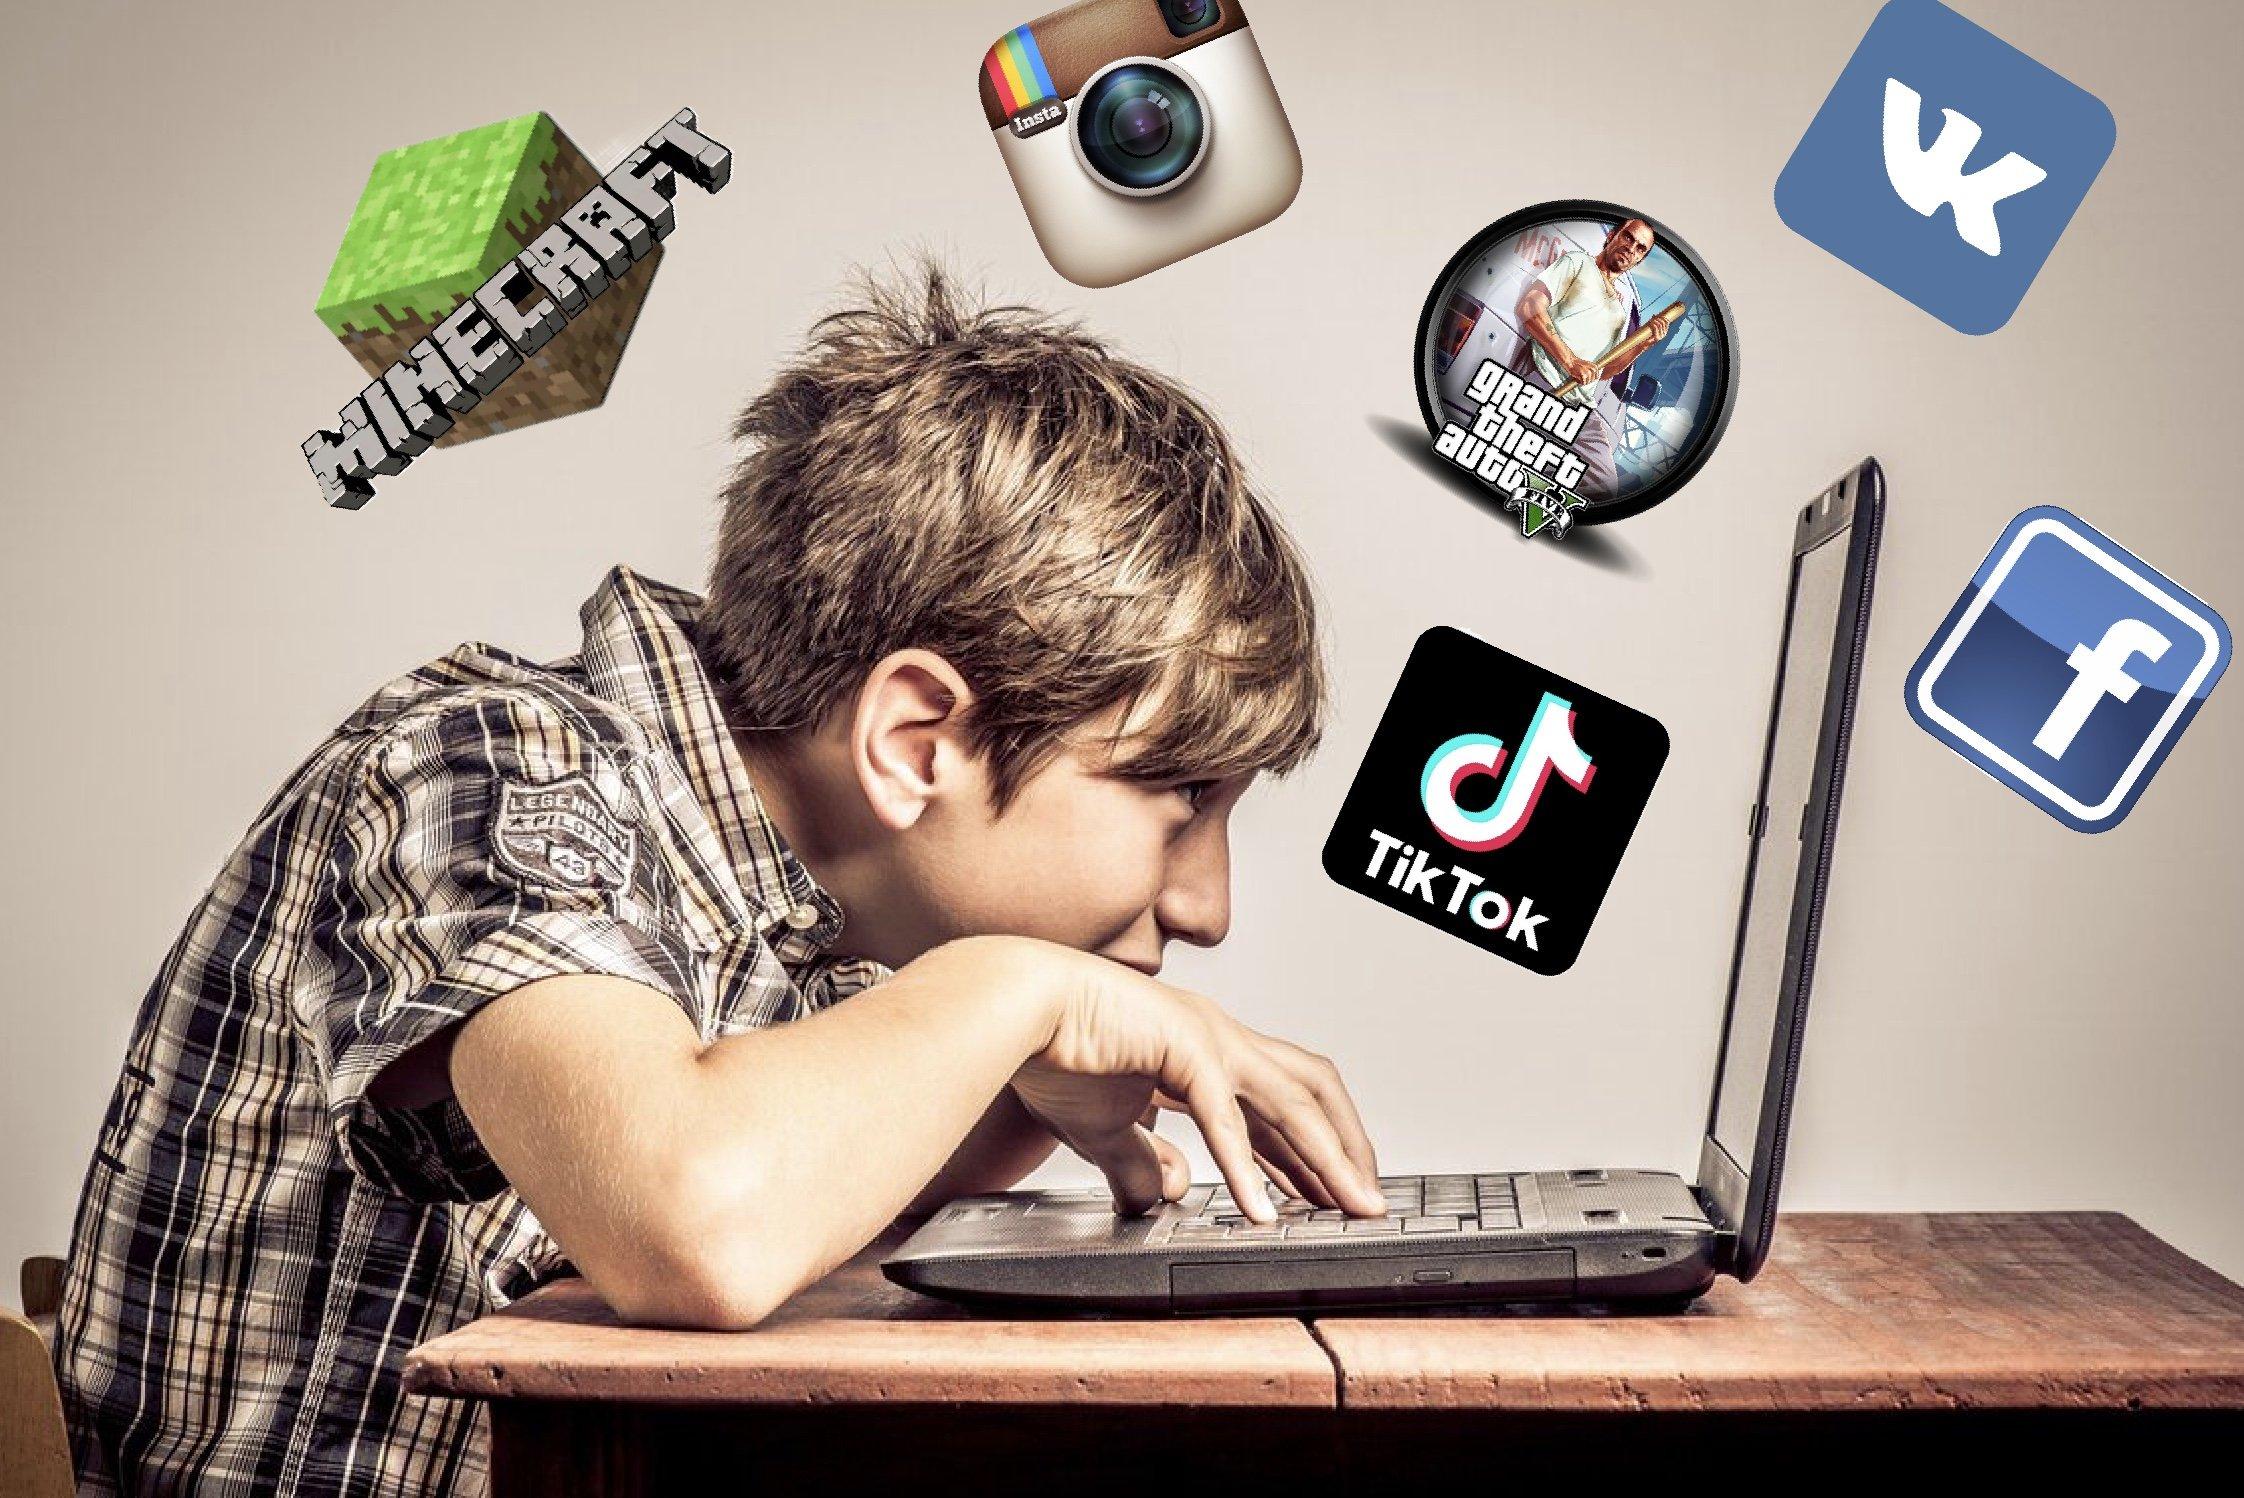 Зависимость от социальных сетей и пути решения этой проблемы